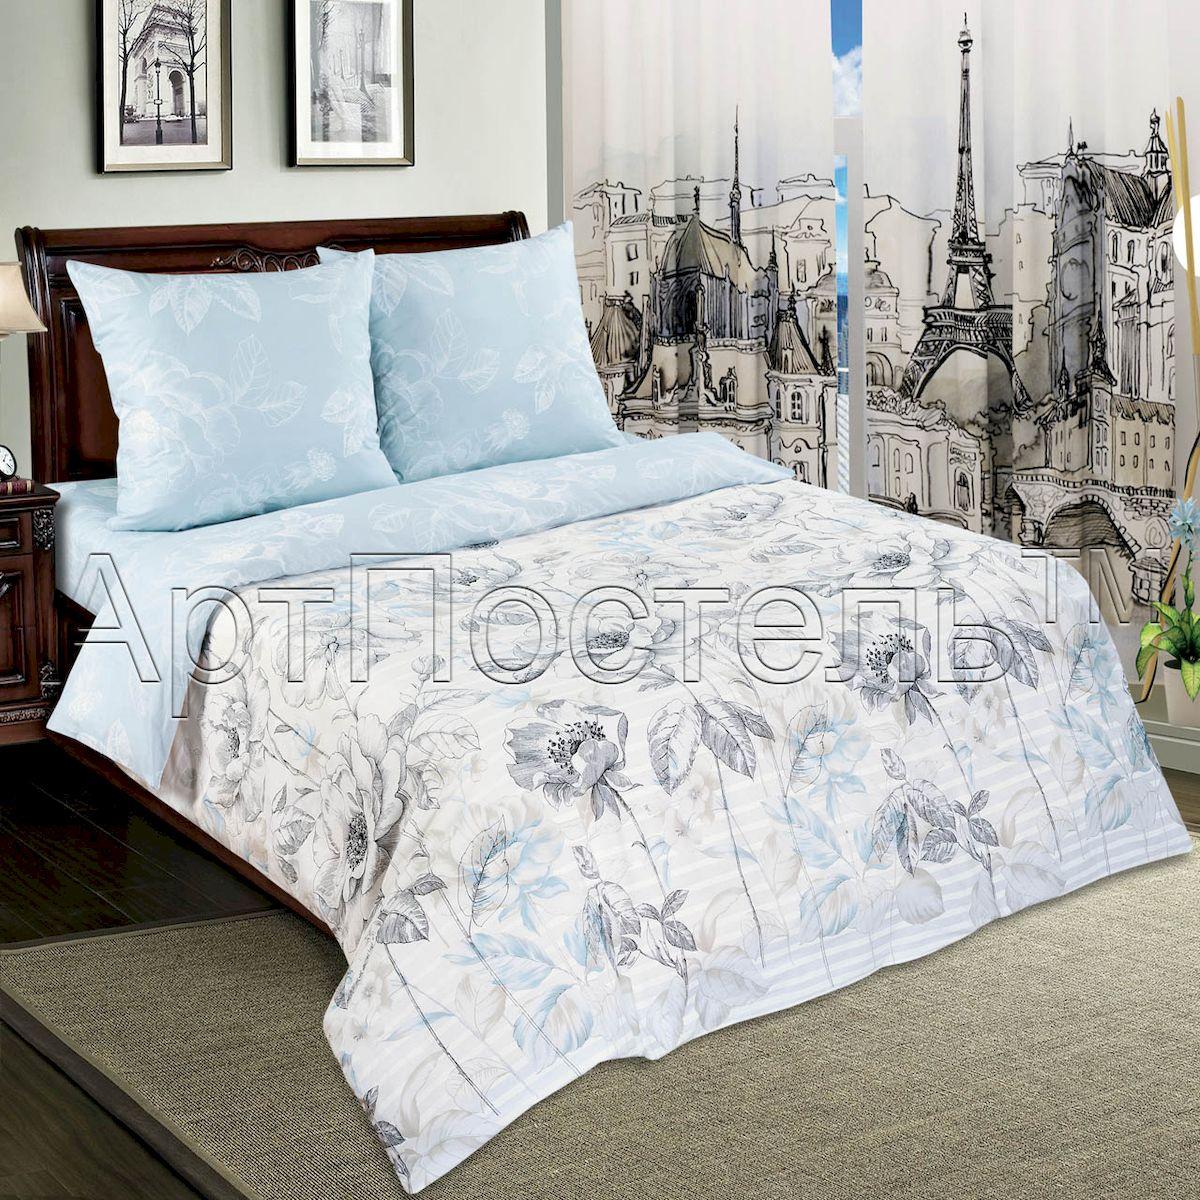 Комплект белья АртПостель Поэзия, 2-спальный, наволочки 70x70904Комплект постельного белья АртПостель Поэзия выполнен из поплина высочайшего качества. Комплект состоит из пододеяльника, простыни и двух наволочек. Постельное белье с ярким дизайном имеет изысканный внешний вид. Благодаря такому комплекту постельного белья вы сможете создать атмосферу роскоши и романтики в вашей спальне.